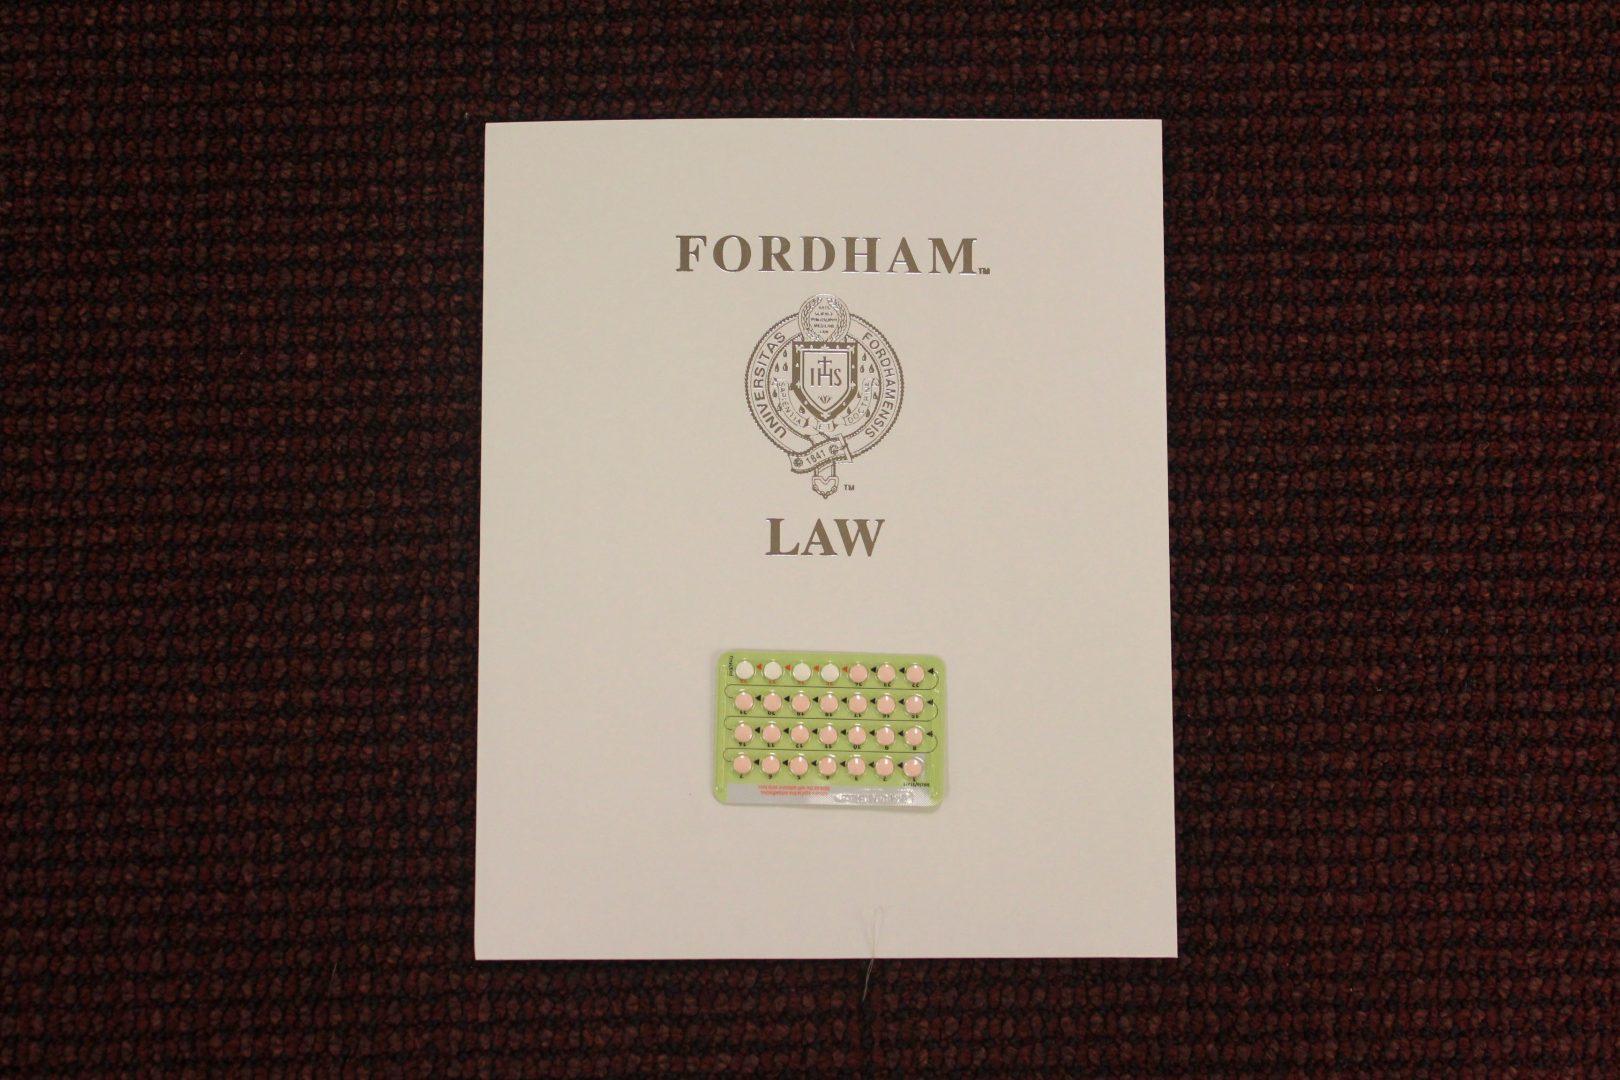 About the Bi-Annual Prescribe Fordham Event